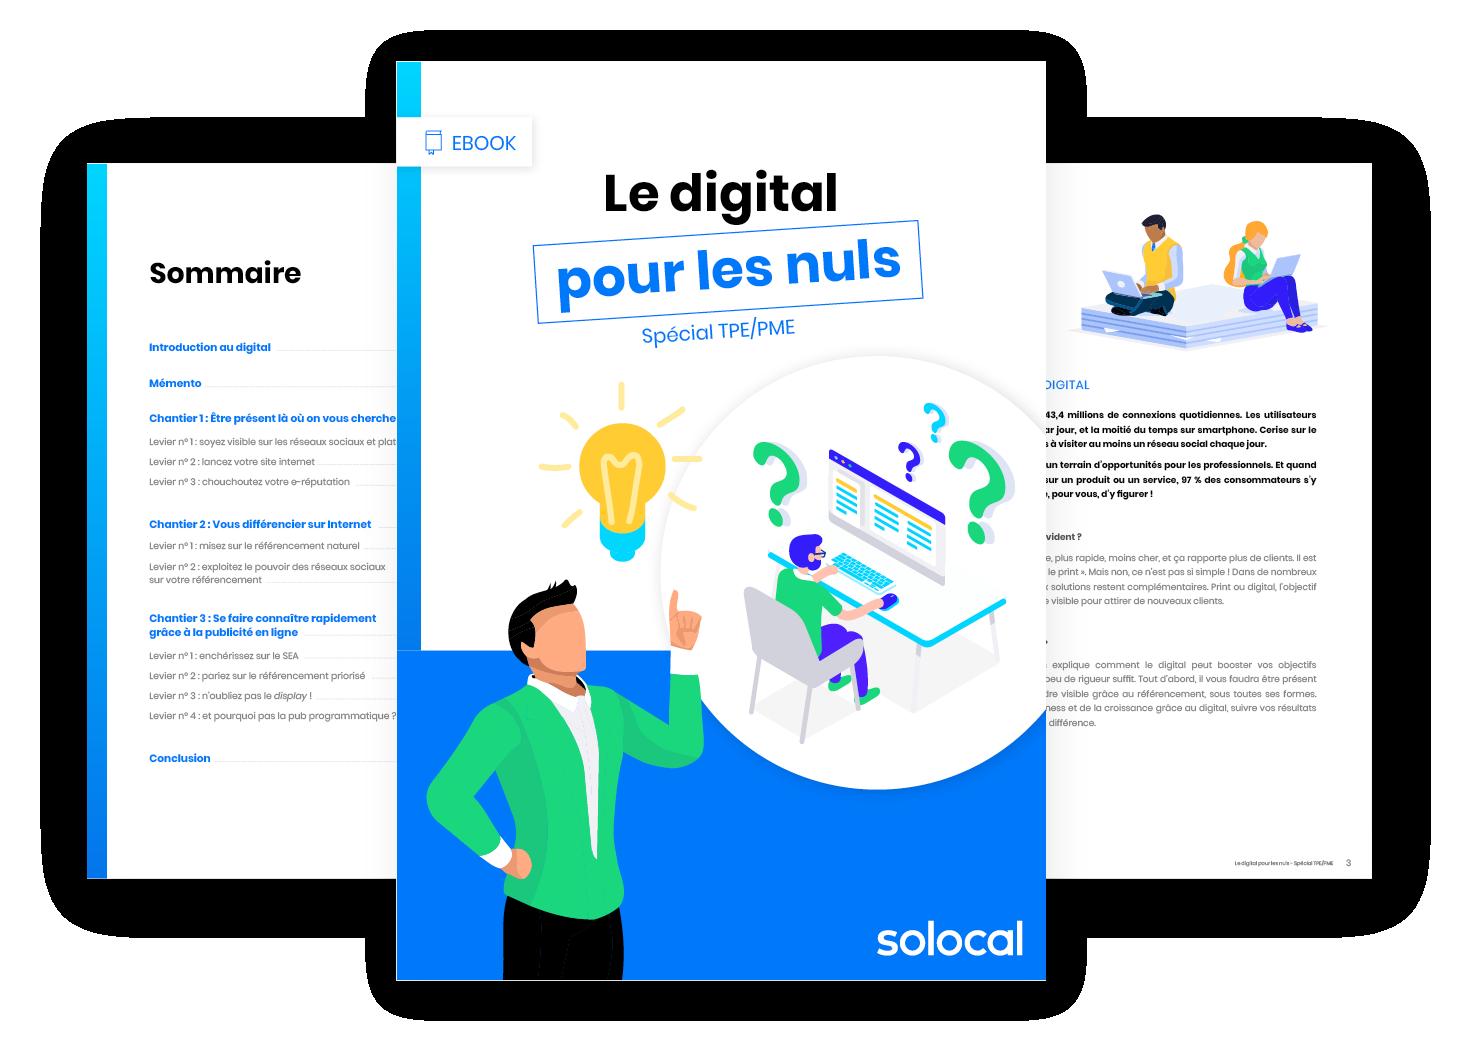 2021_Solocal_ebook_digital_pour_les_nuls_mockup